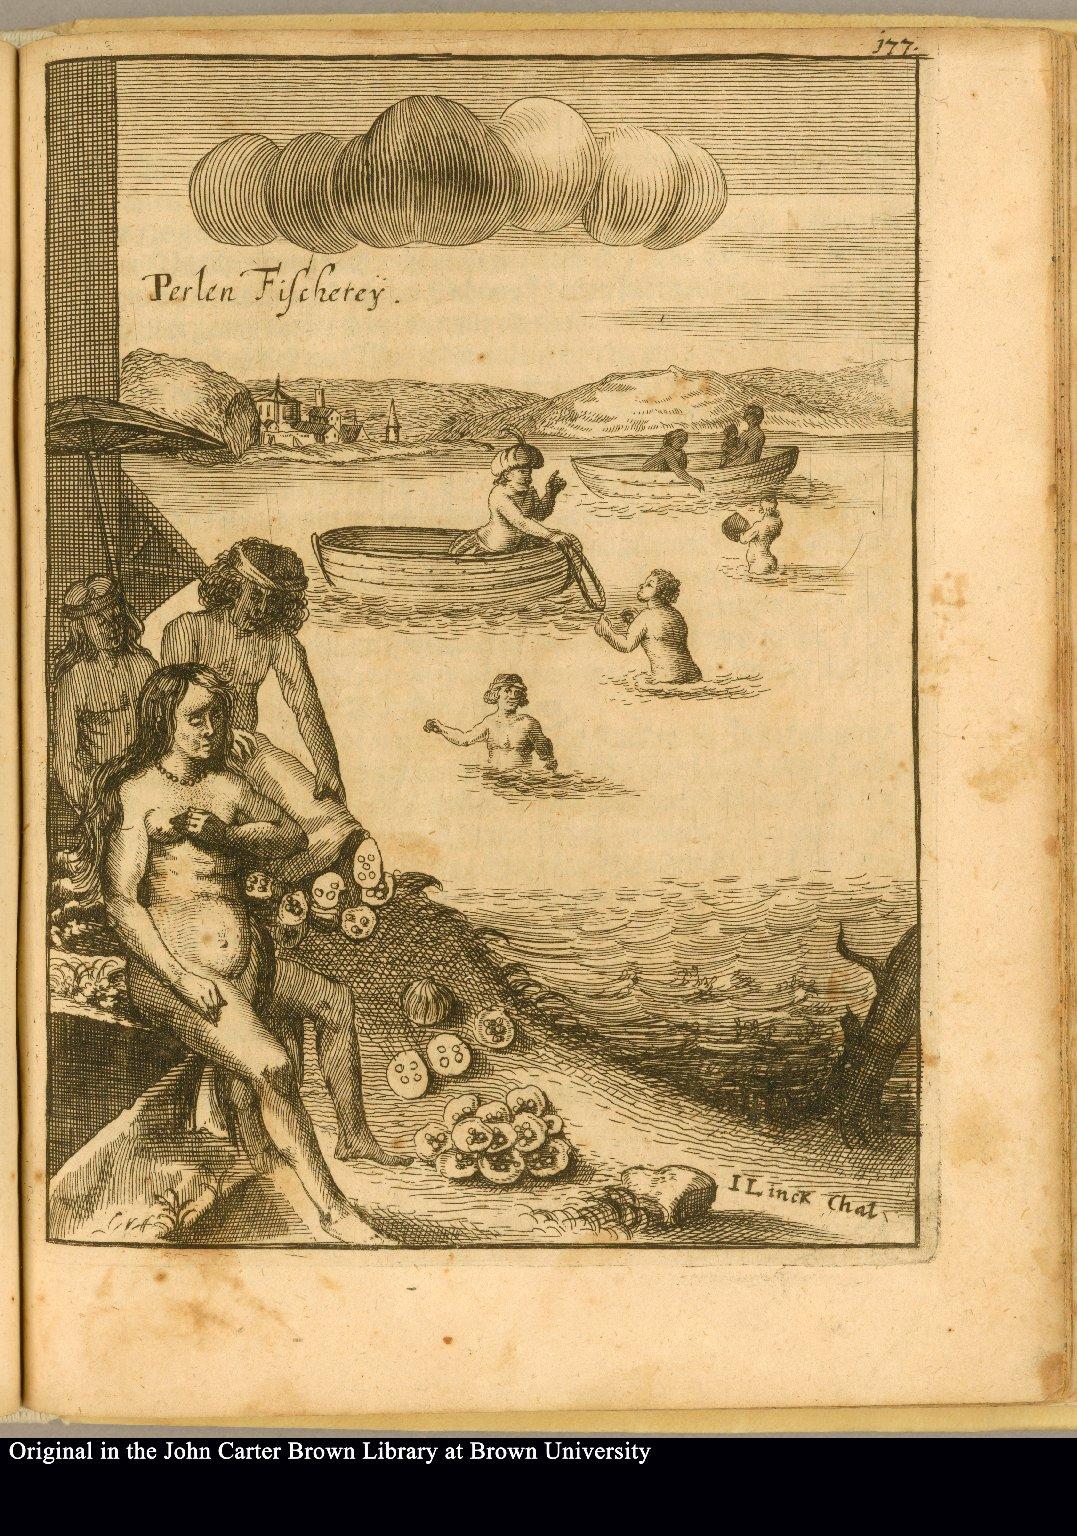 Perlen Fischerey